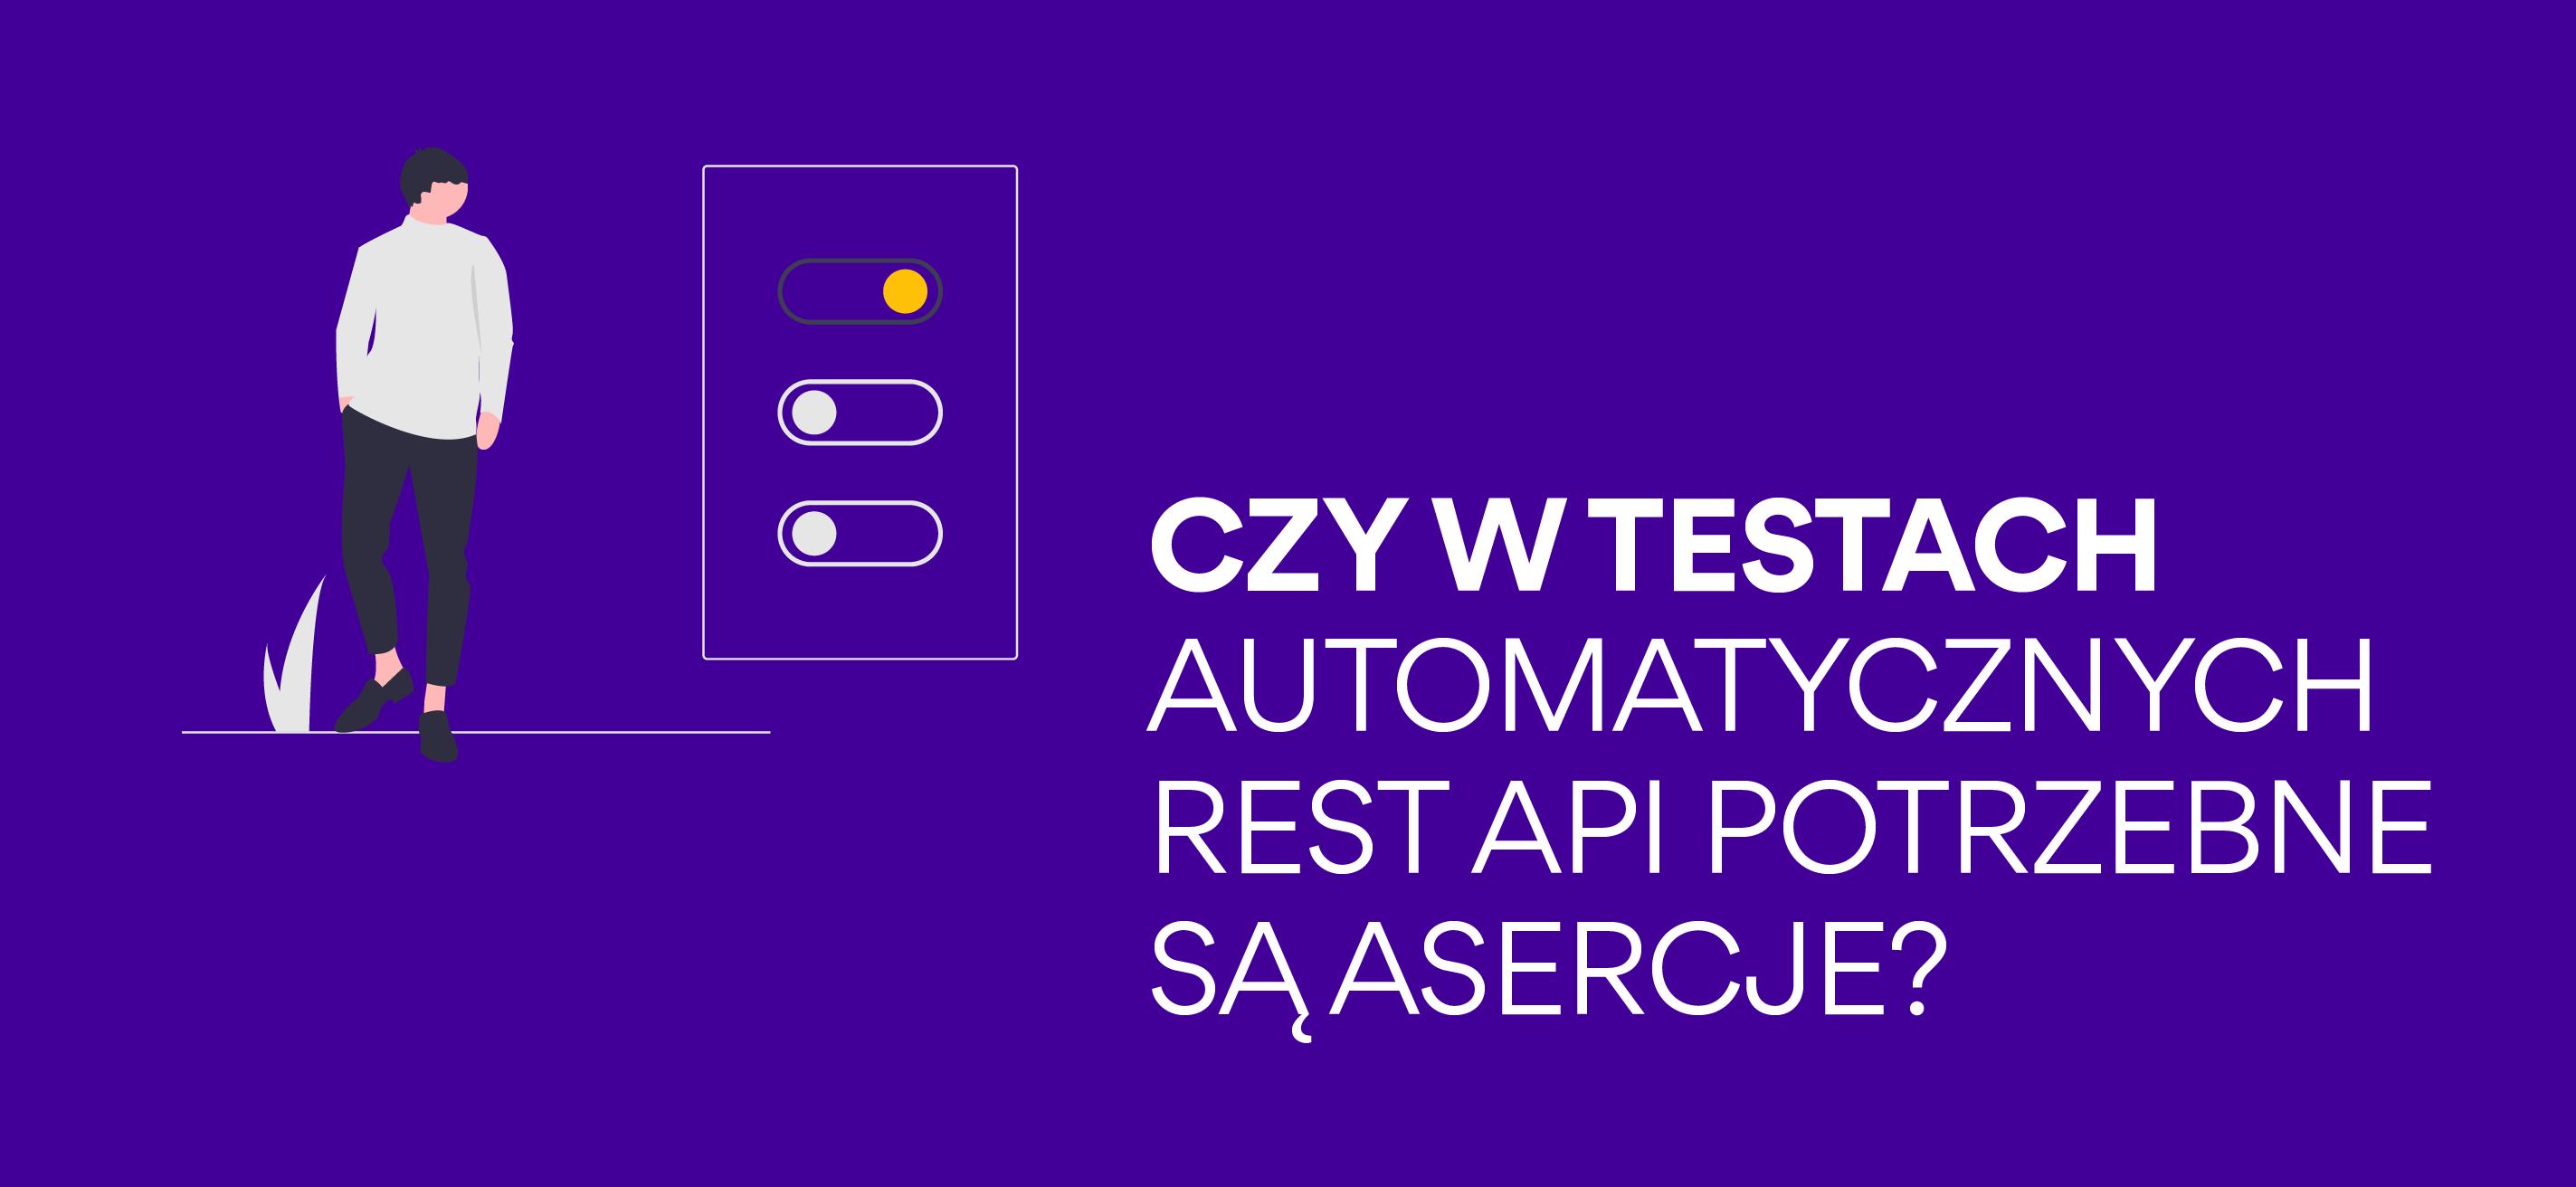 Czywtestach automatycznych Rest API potrzebne są asercje?